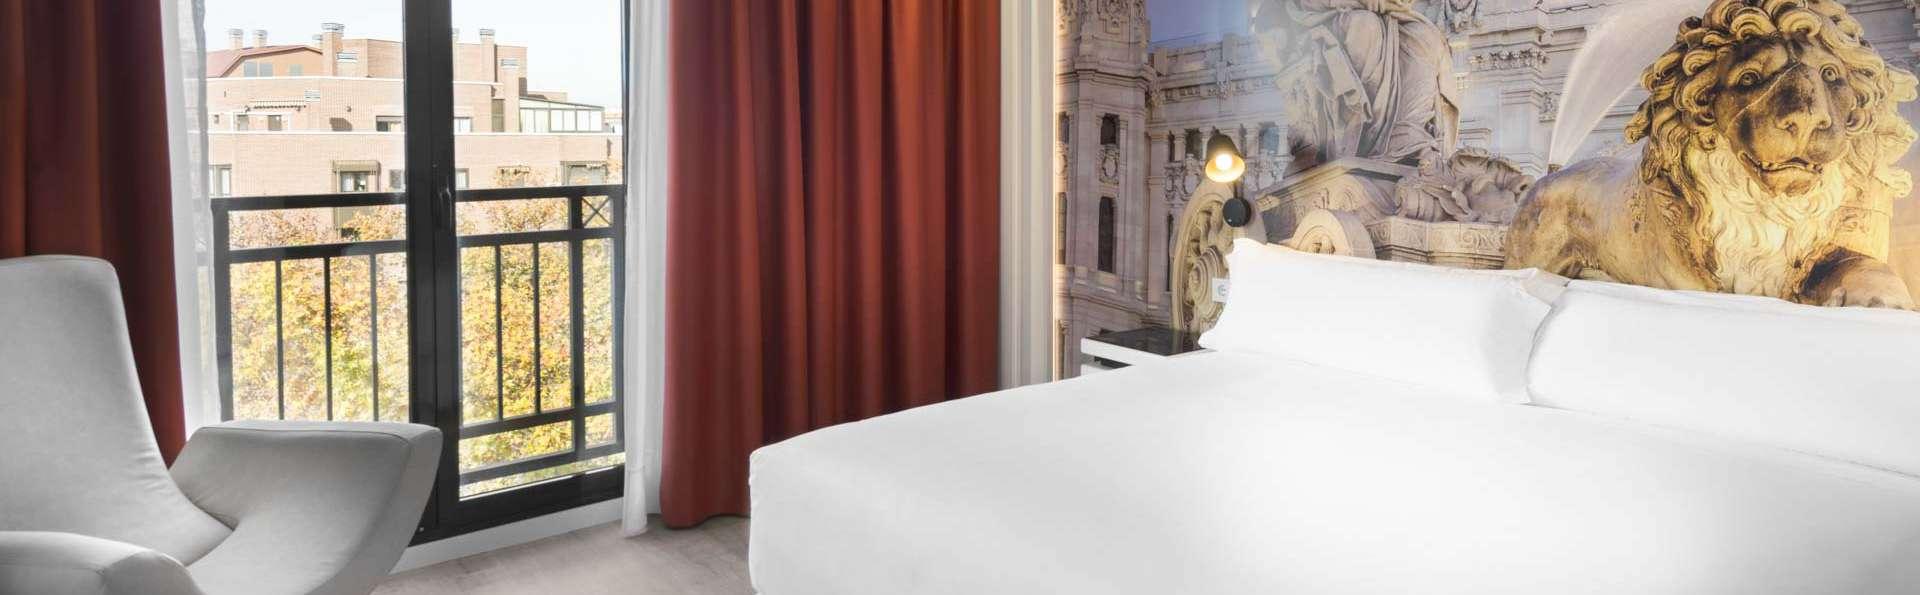 Venez découvrir Madrid dans un hôtel design avec une visite en bus touristique